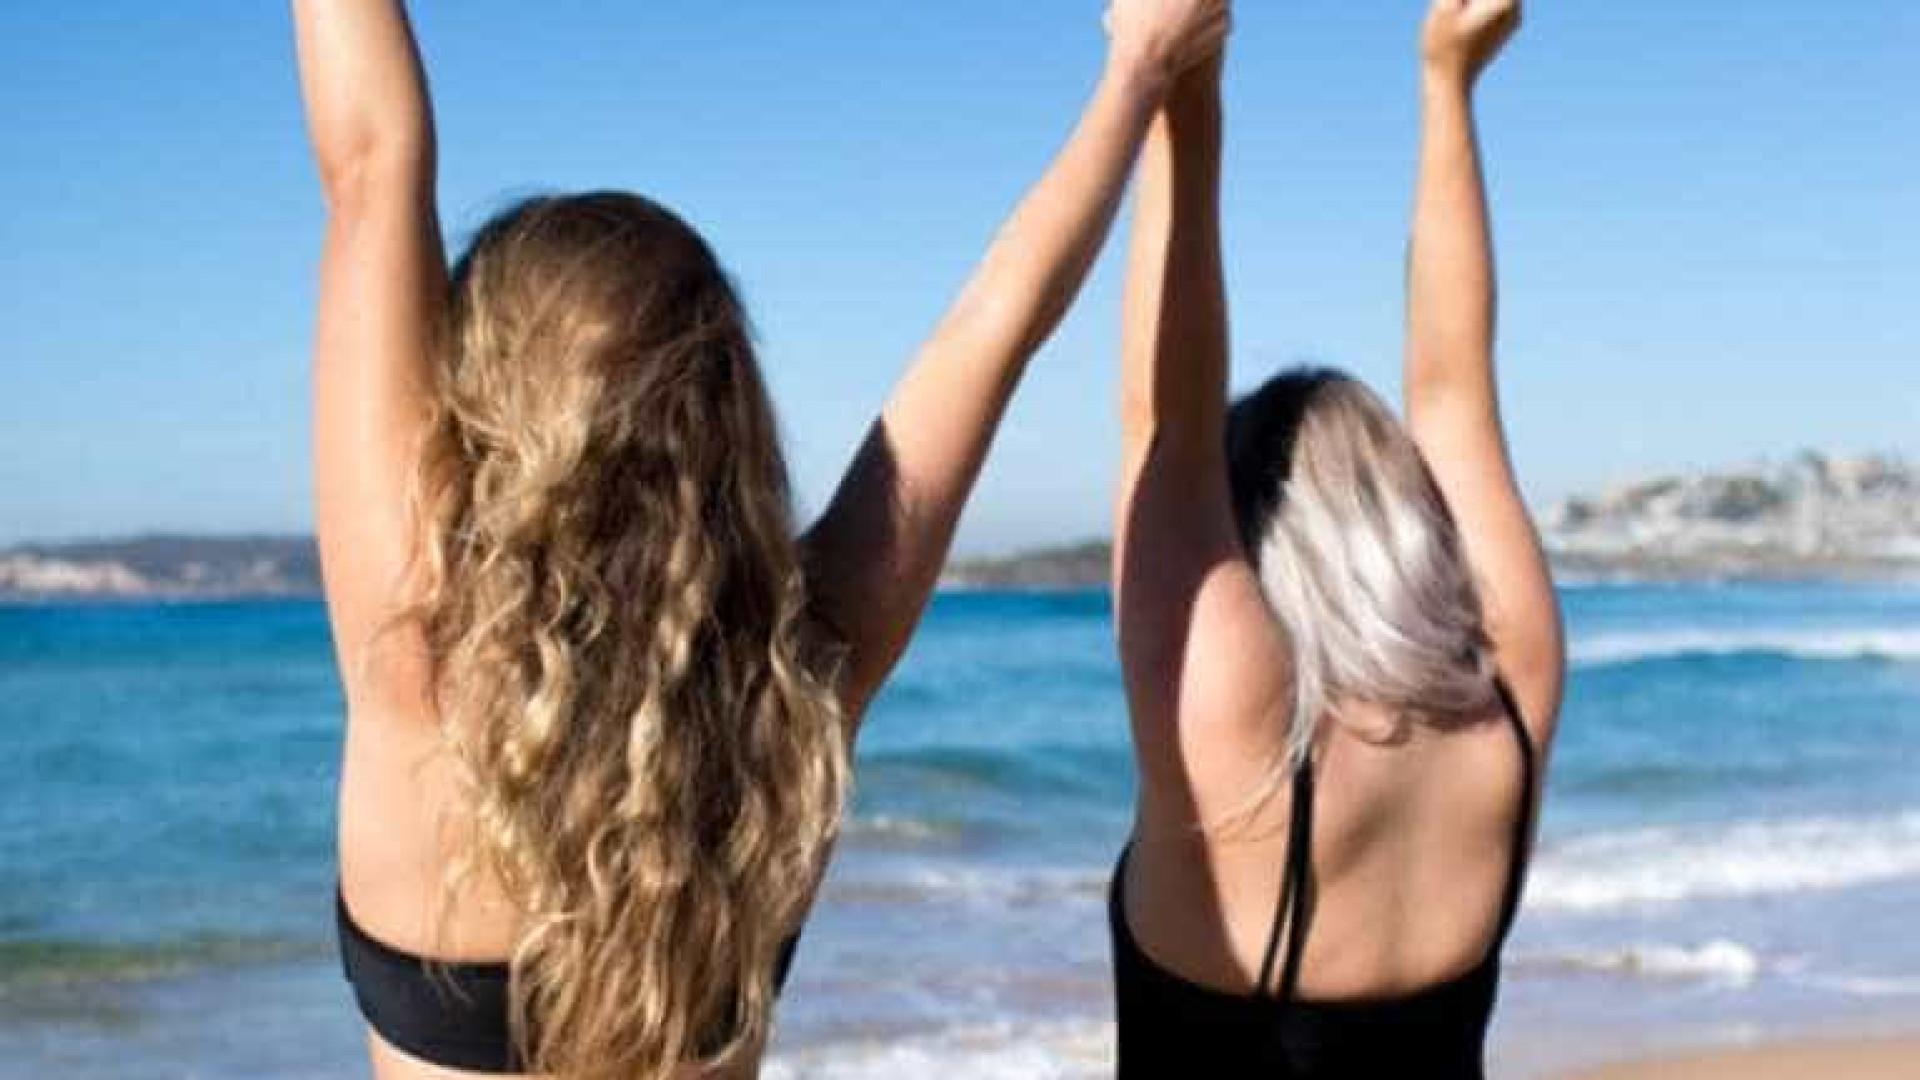 Marca australiana lança maiôs e biquínis à prova de menstruação